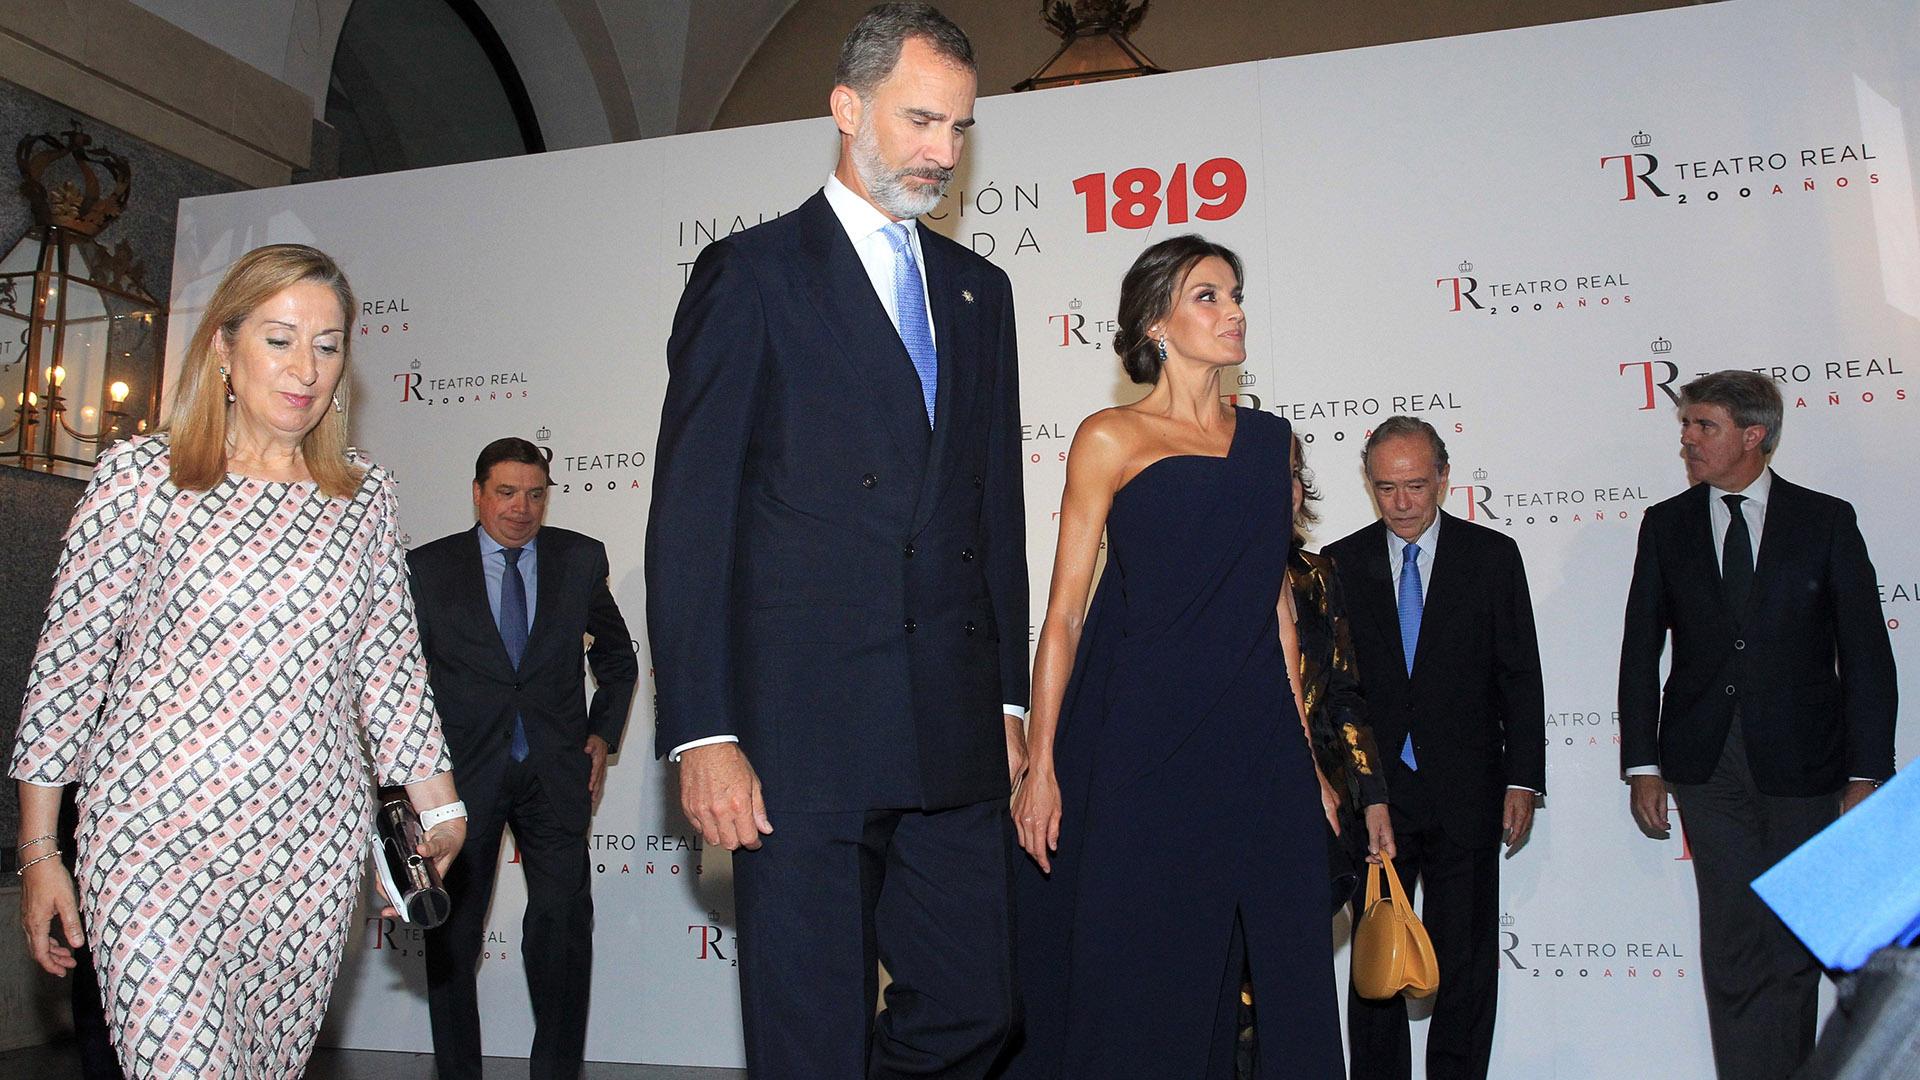 Letizia camina junto a su marido, el rey Felipe, tras finalizar sus vacaciones de verano y retomar su agenda oficial